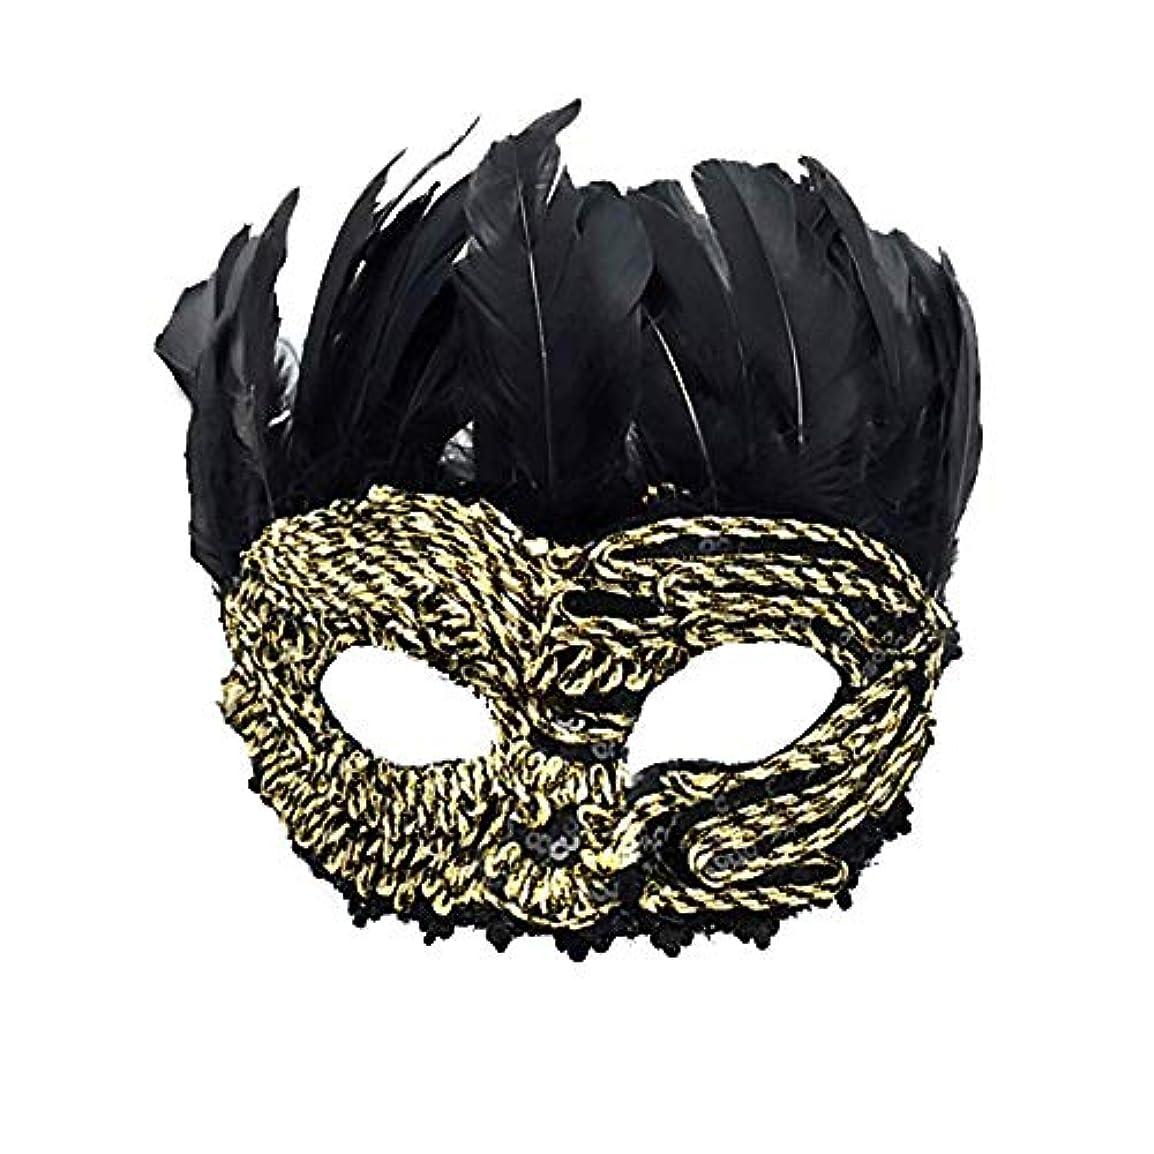 ピンポイント以降金銭的Nanle ハロウィーンクリスマスレースフェザースパンコール刺繍マスク仮装マスクレディーメンズミスプリンセス美容祭パーティーデコレーションマスク(カップルモデル) (色 : Style B)